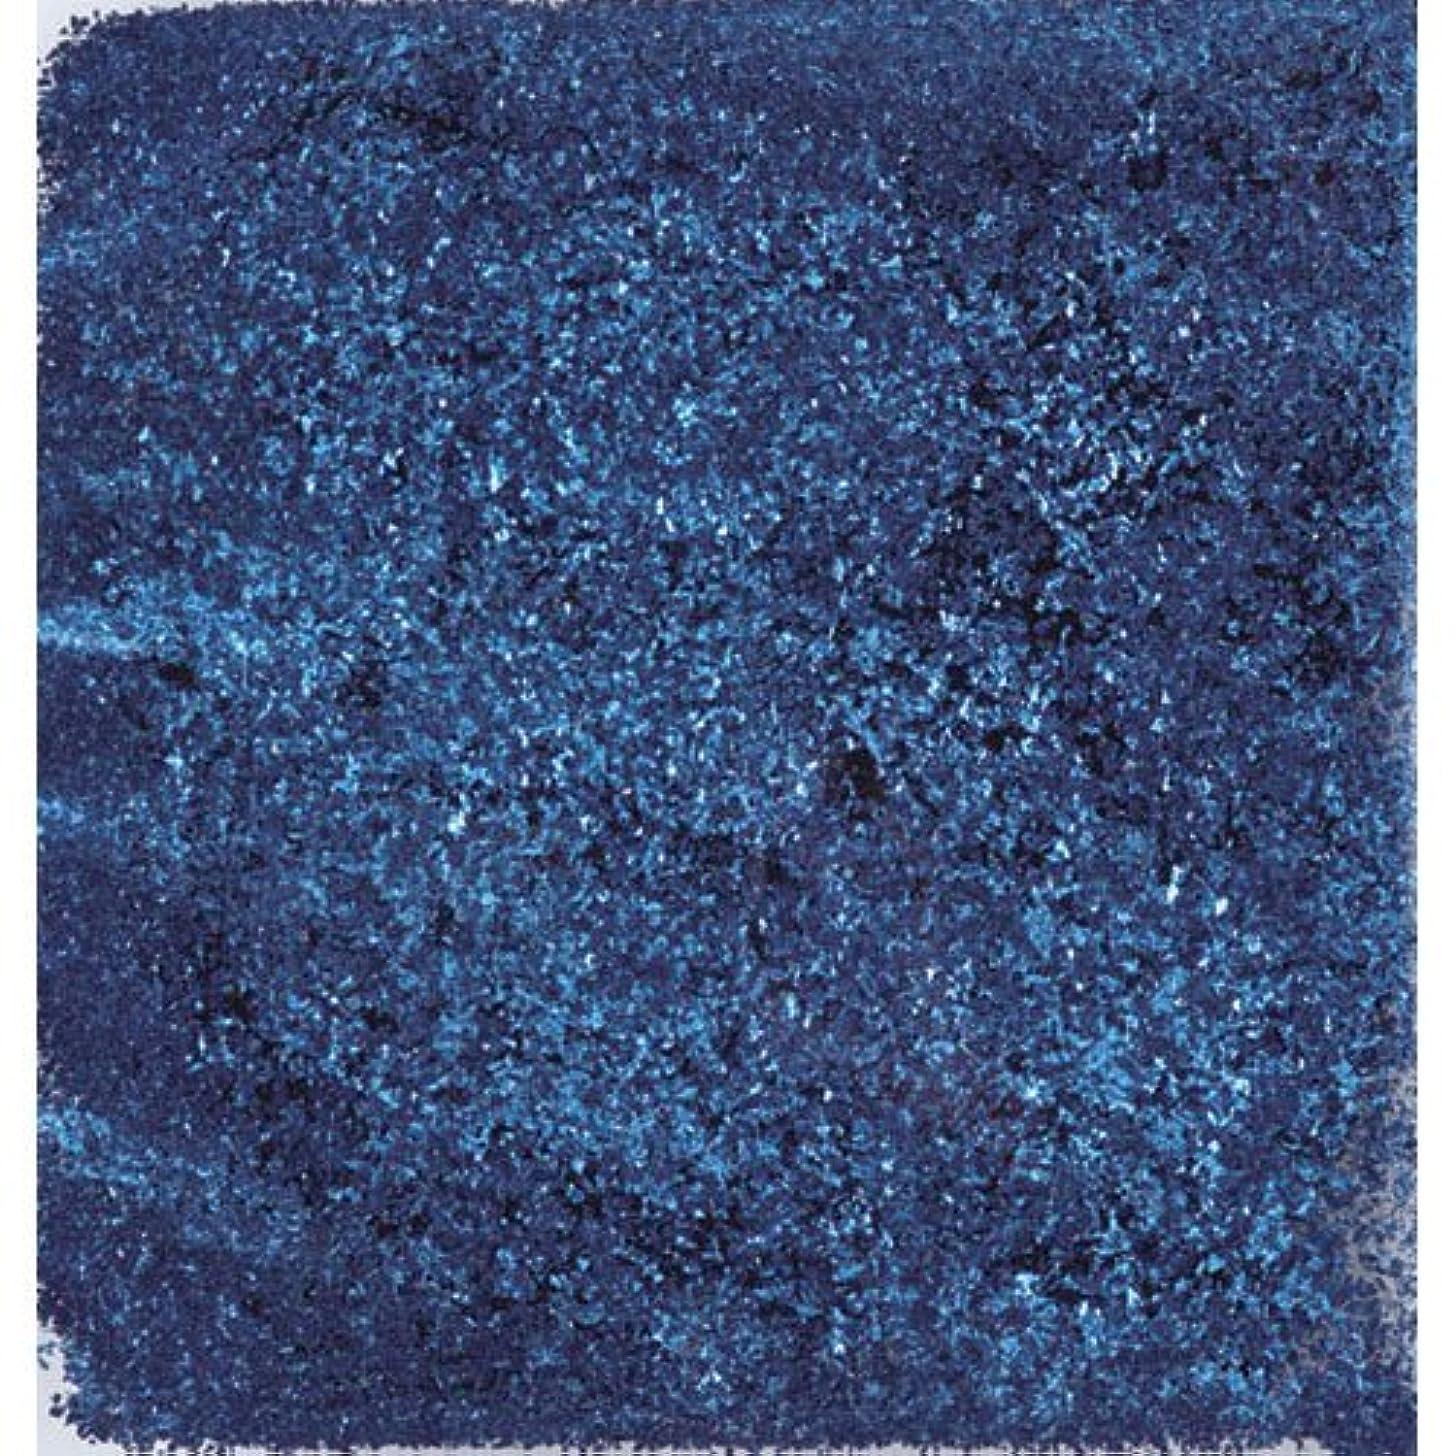 最大の一目ラリーピカエース ネイル用パウダー ピカエース シャインフレーク #713 藍色 0.3g アート材